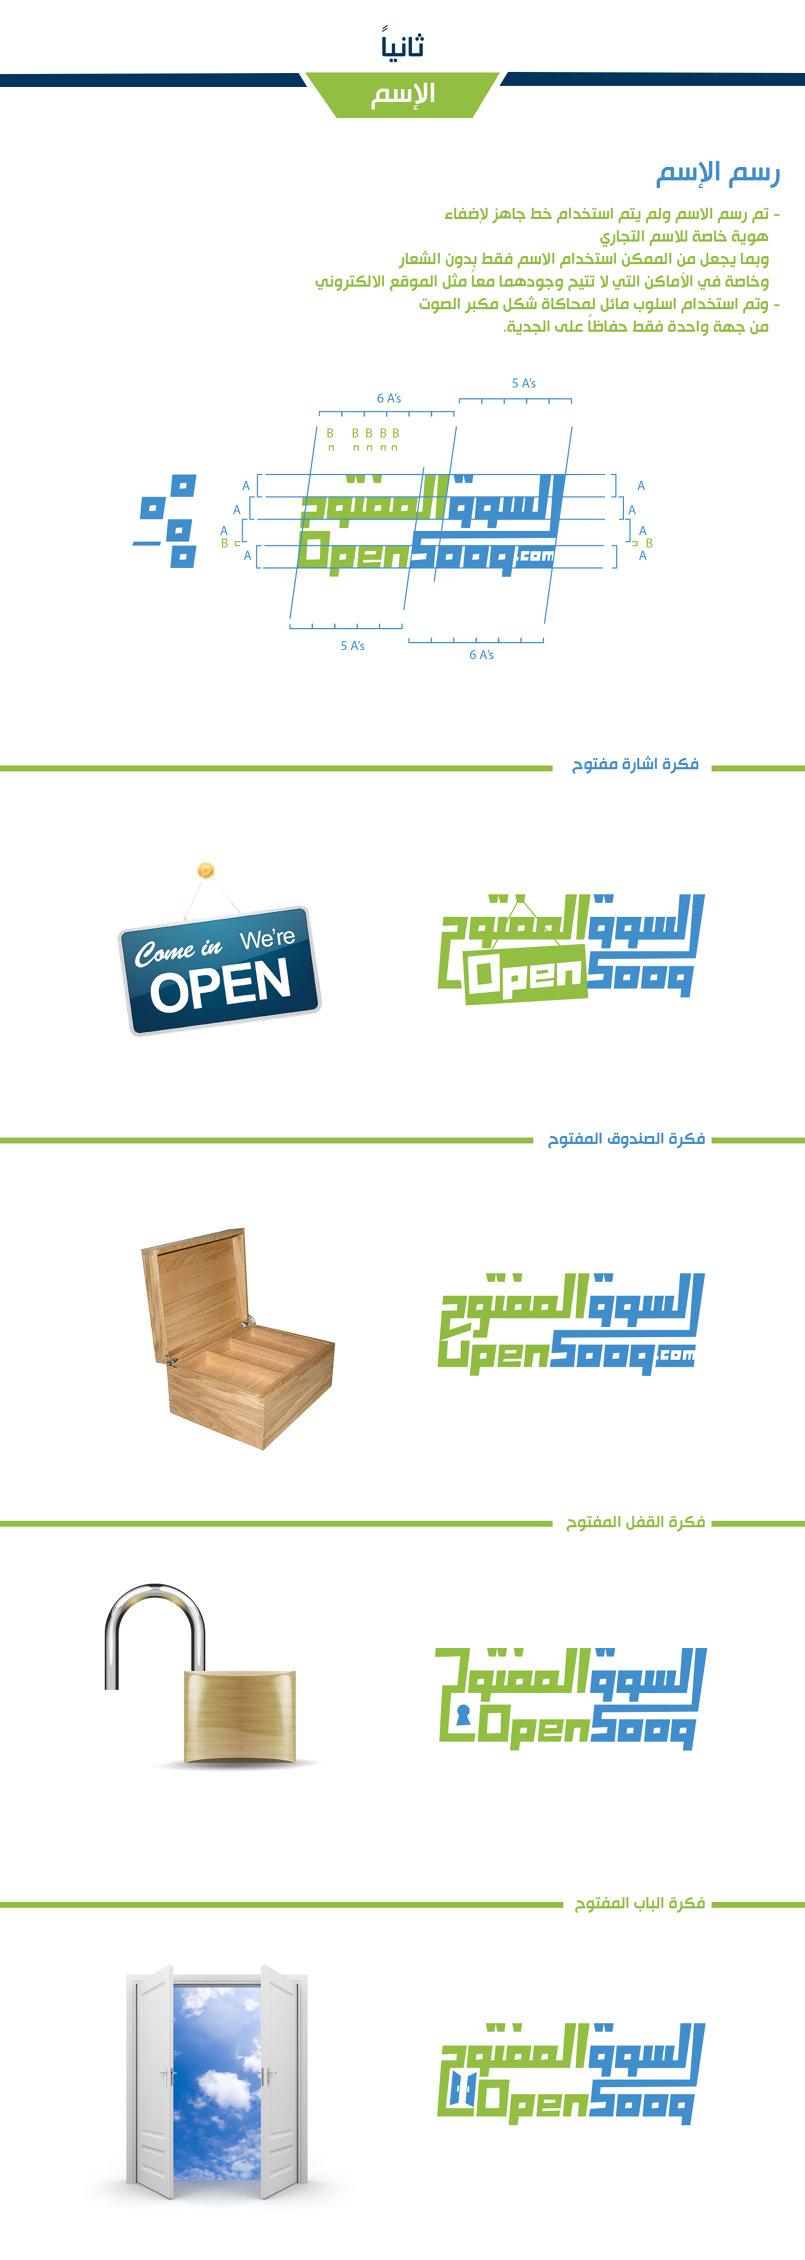 مشاركتي في تصميم شعار السوق المفتوح